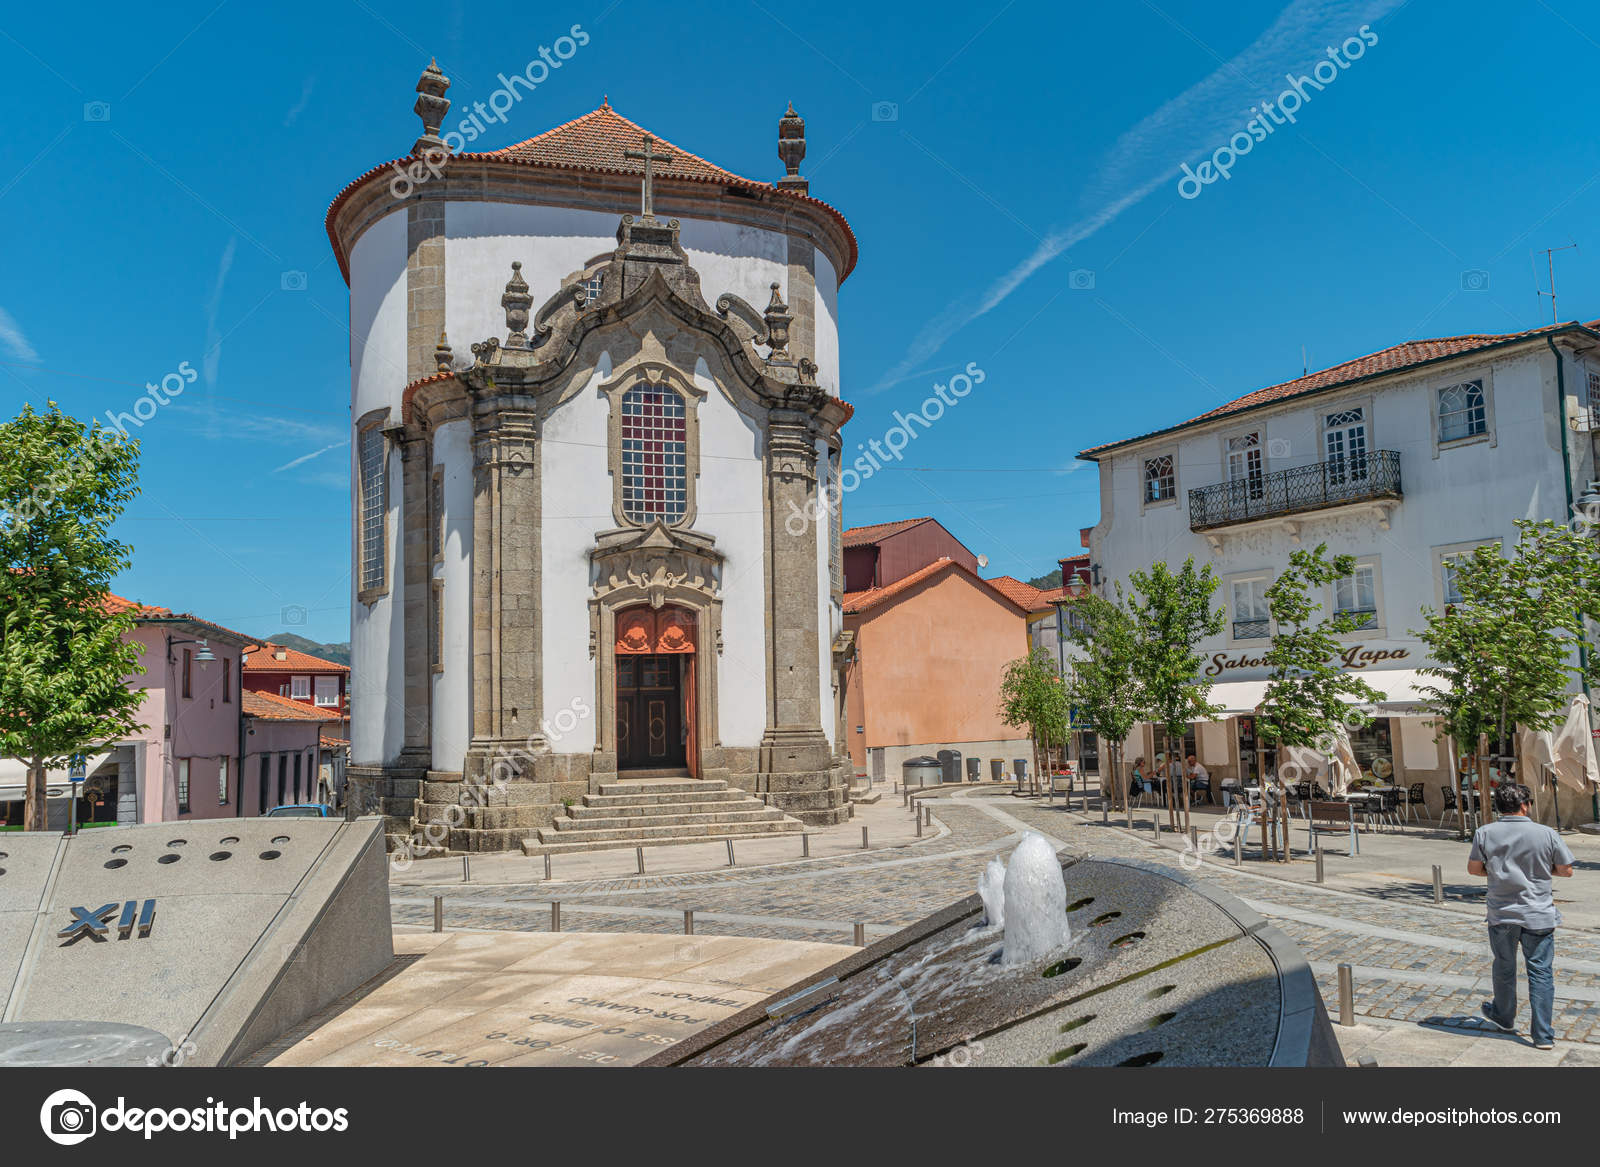 Empresas Em Arcos De Valdevez arcos de valdevez, portugal-circa may 2019: vista da igreja